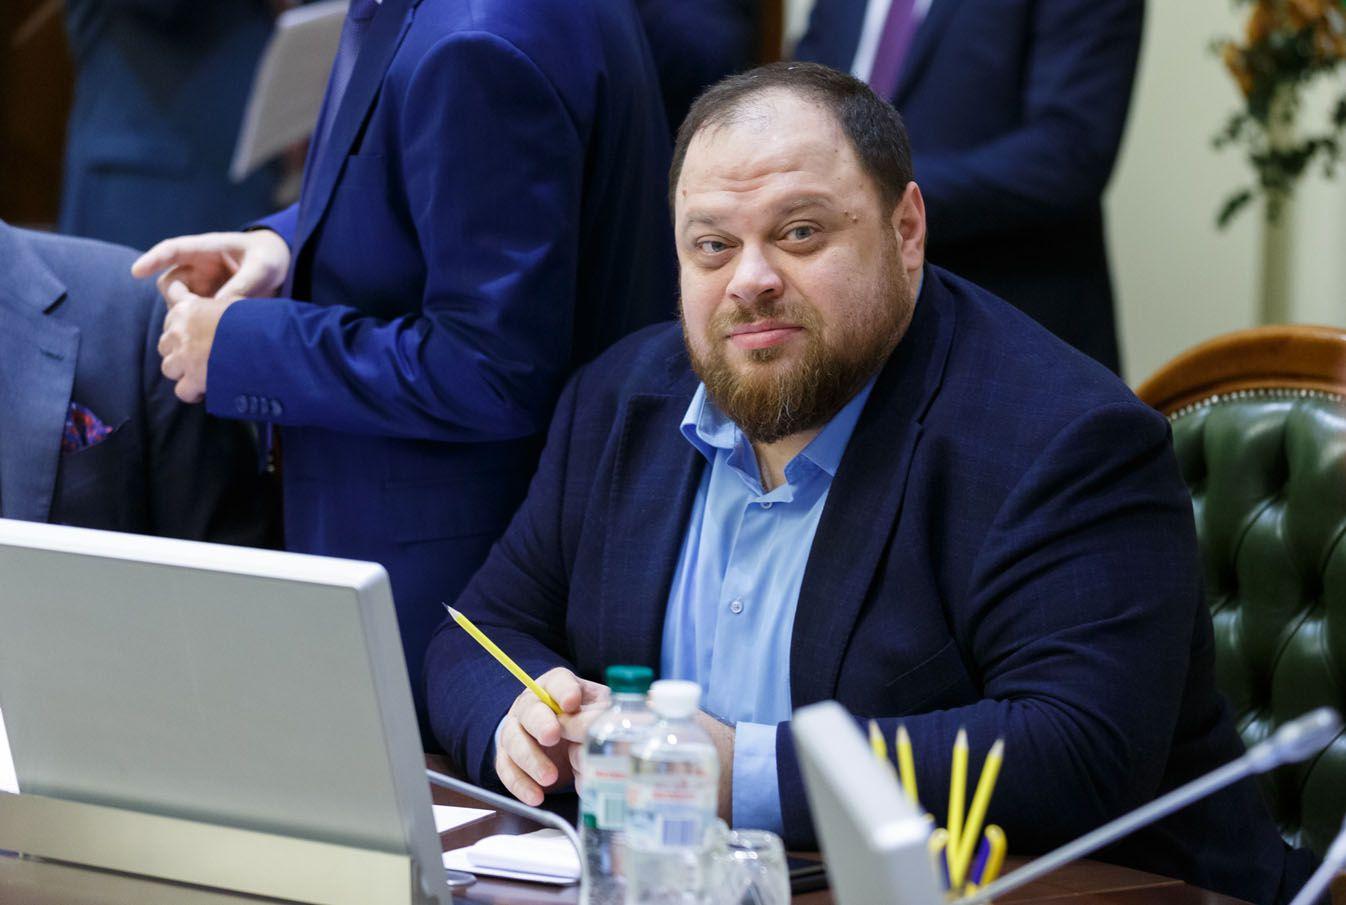 Юридичні підстави криміналізації неособистого голосування народними депутатами